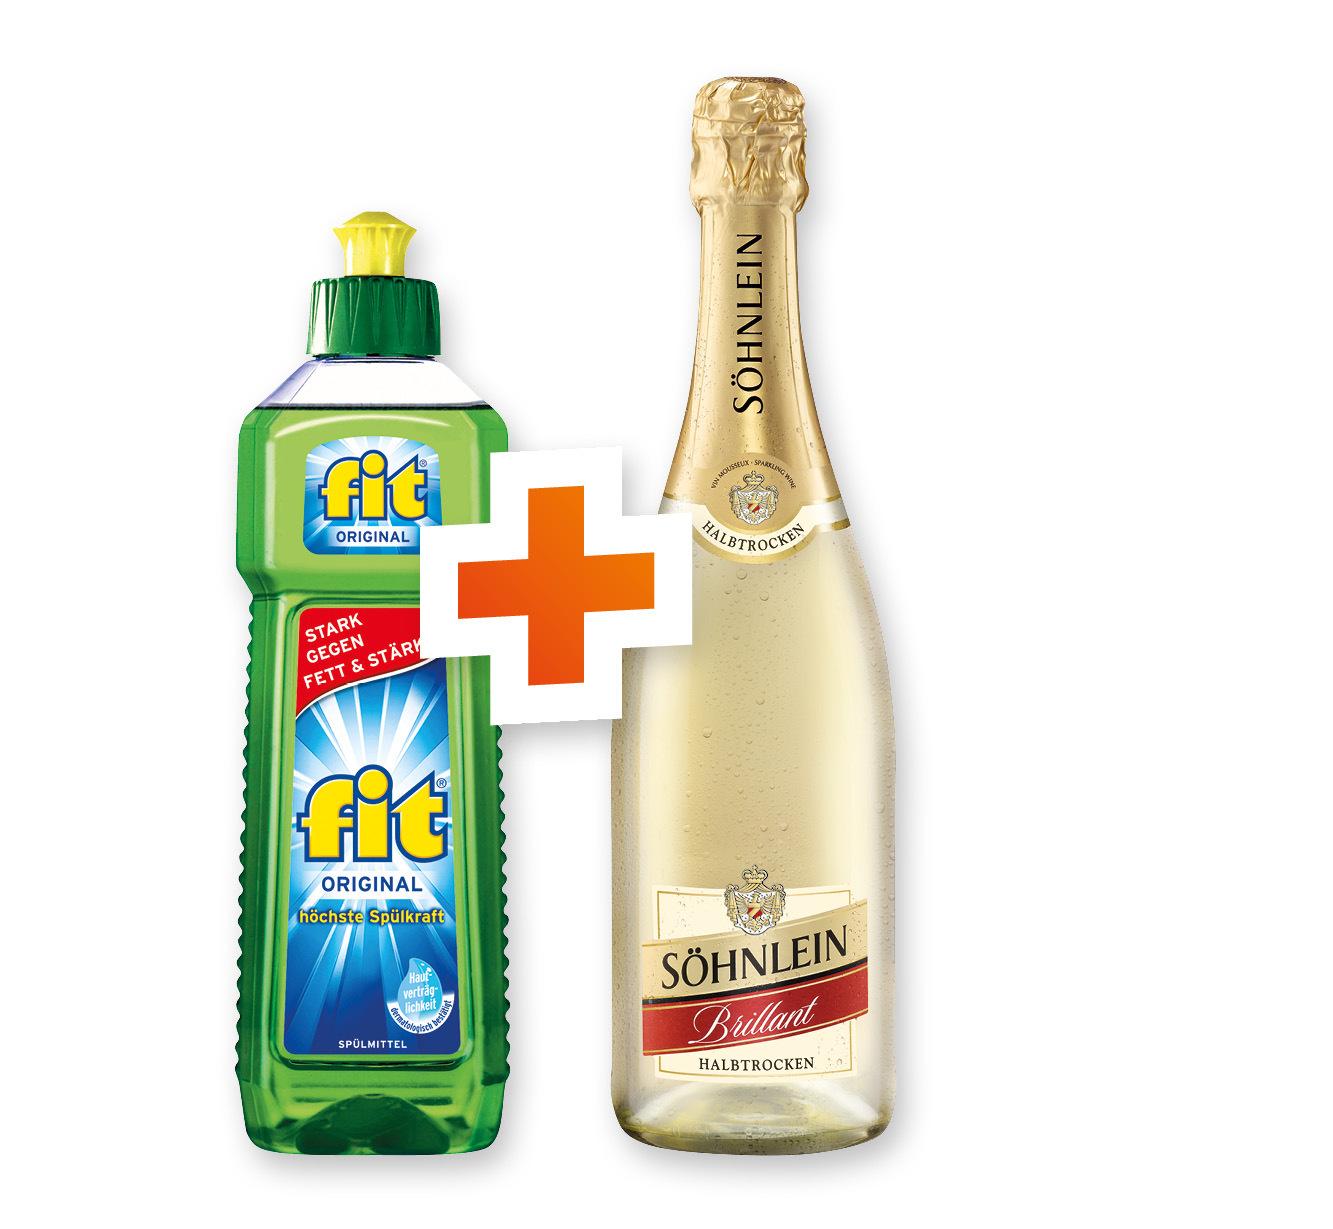 Söhnlein Brillant Sekt, Alkoholfrei oder Sparkling